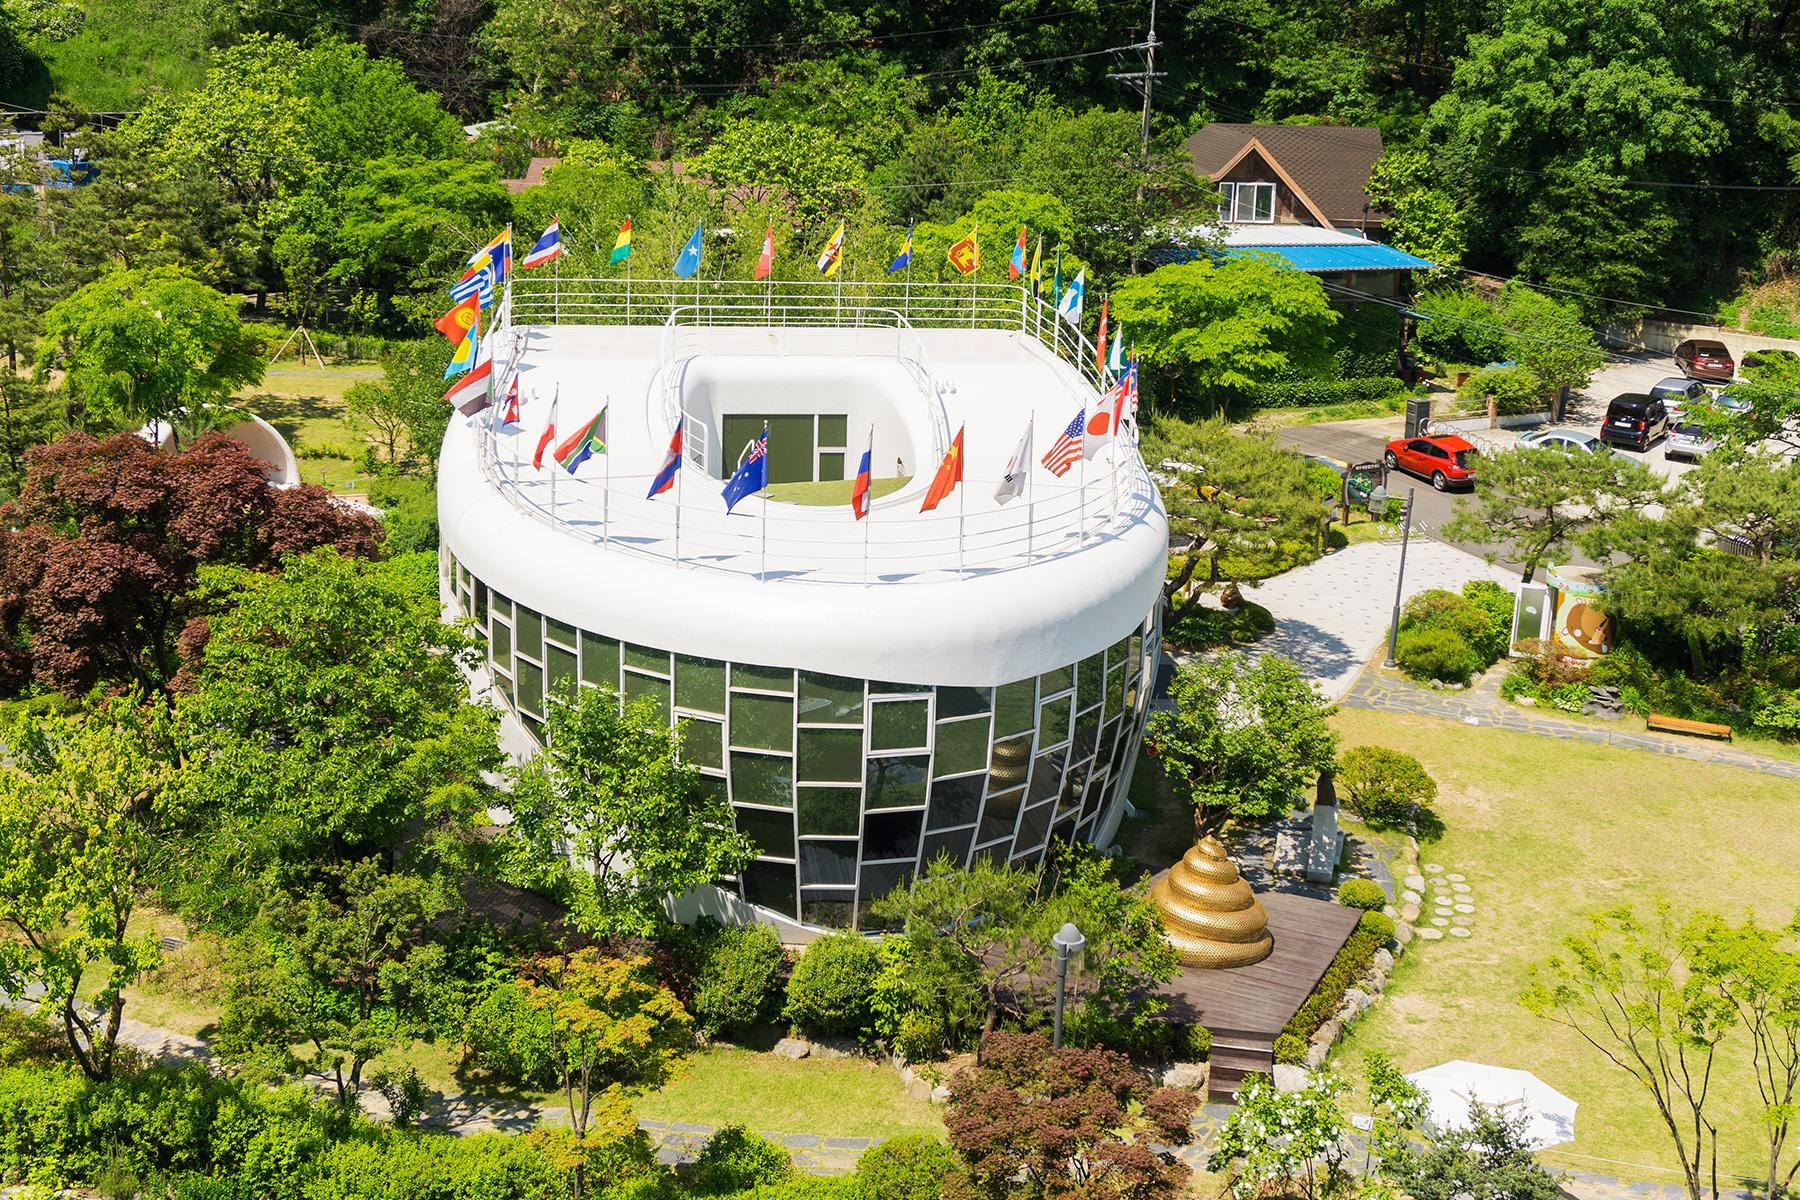 Toilet Theme Park in South Korea